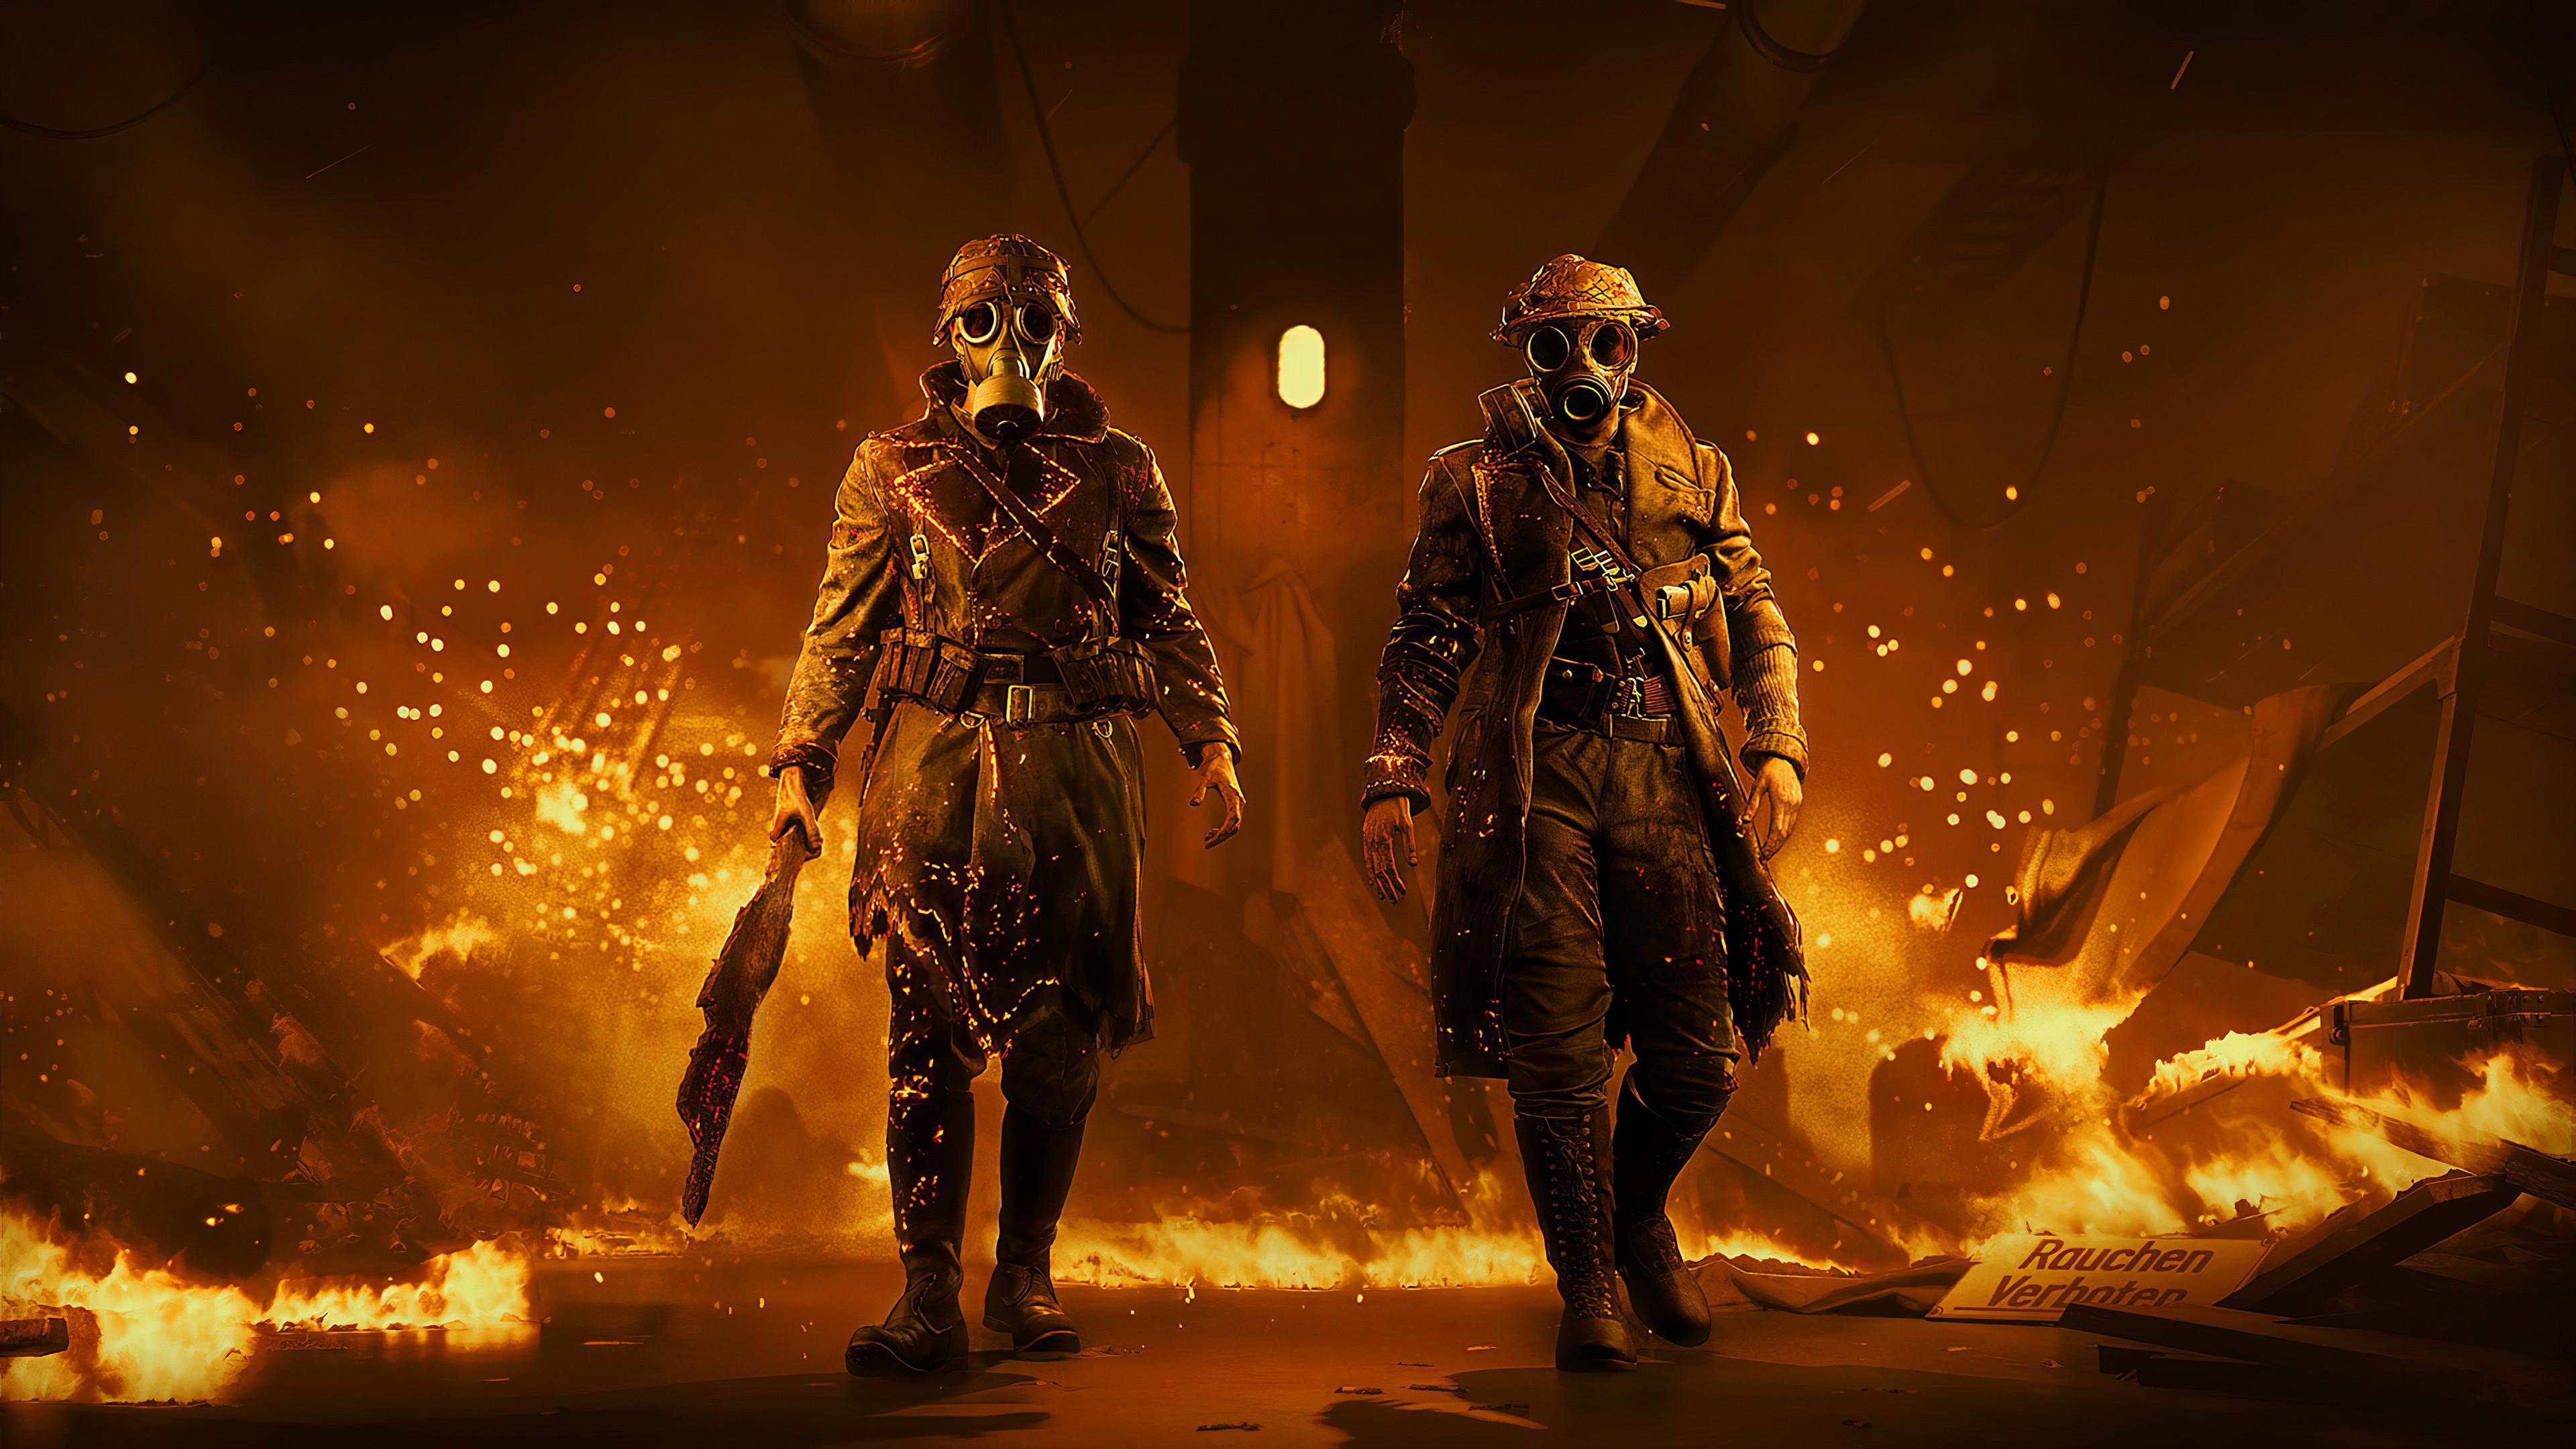 battlefield v game art 4k hi 3840x2160 1 - Battlefield 5 Art - Battlefield 5 wallpapers, Battlefield 5 Art 4k wallapper, Battlefield 4k wallpapers